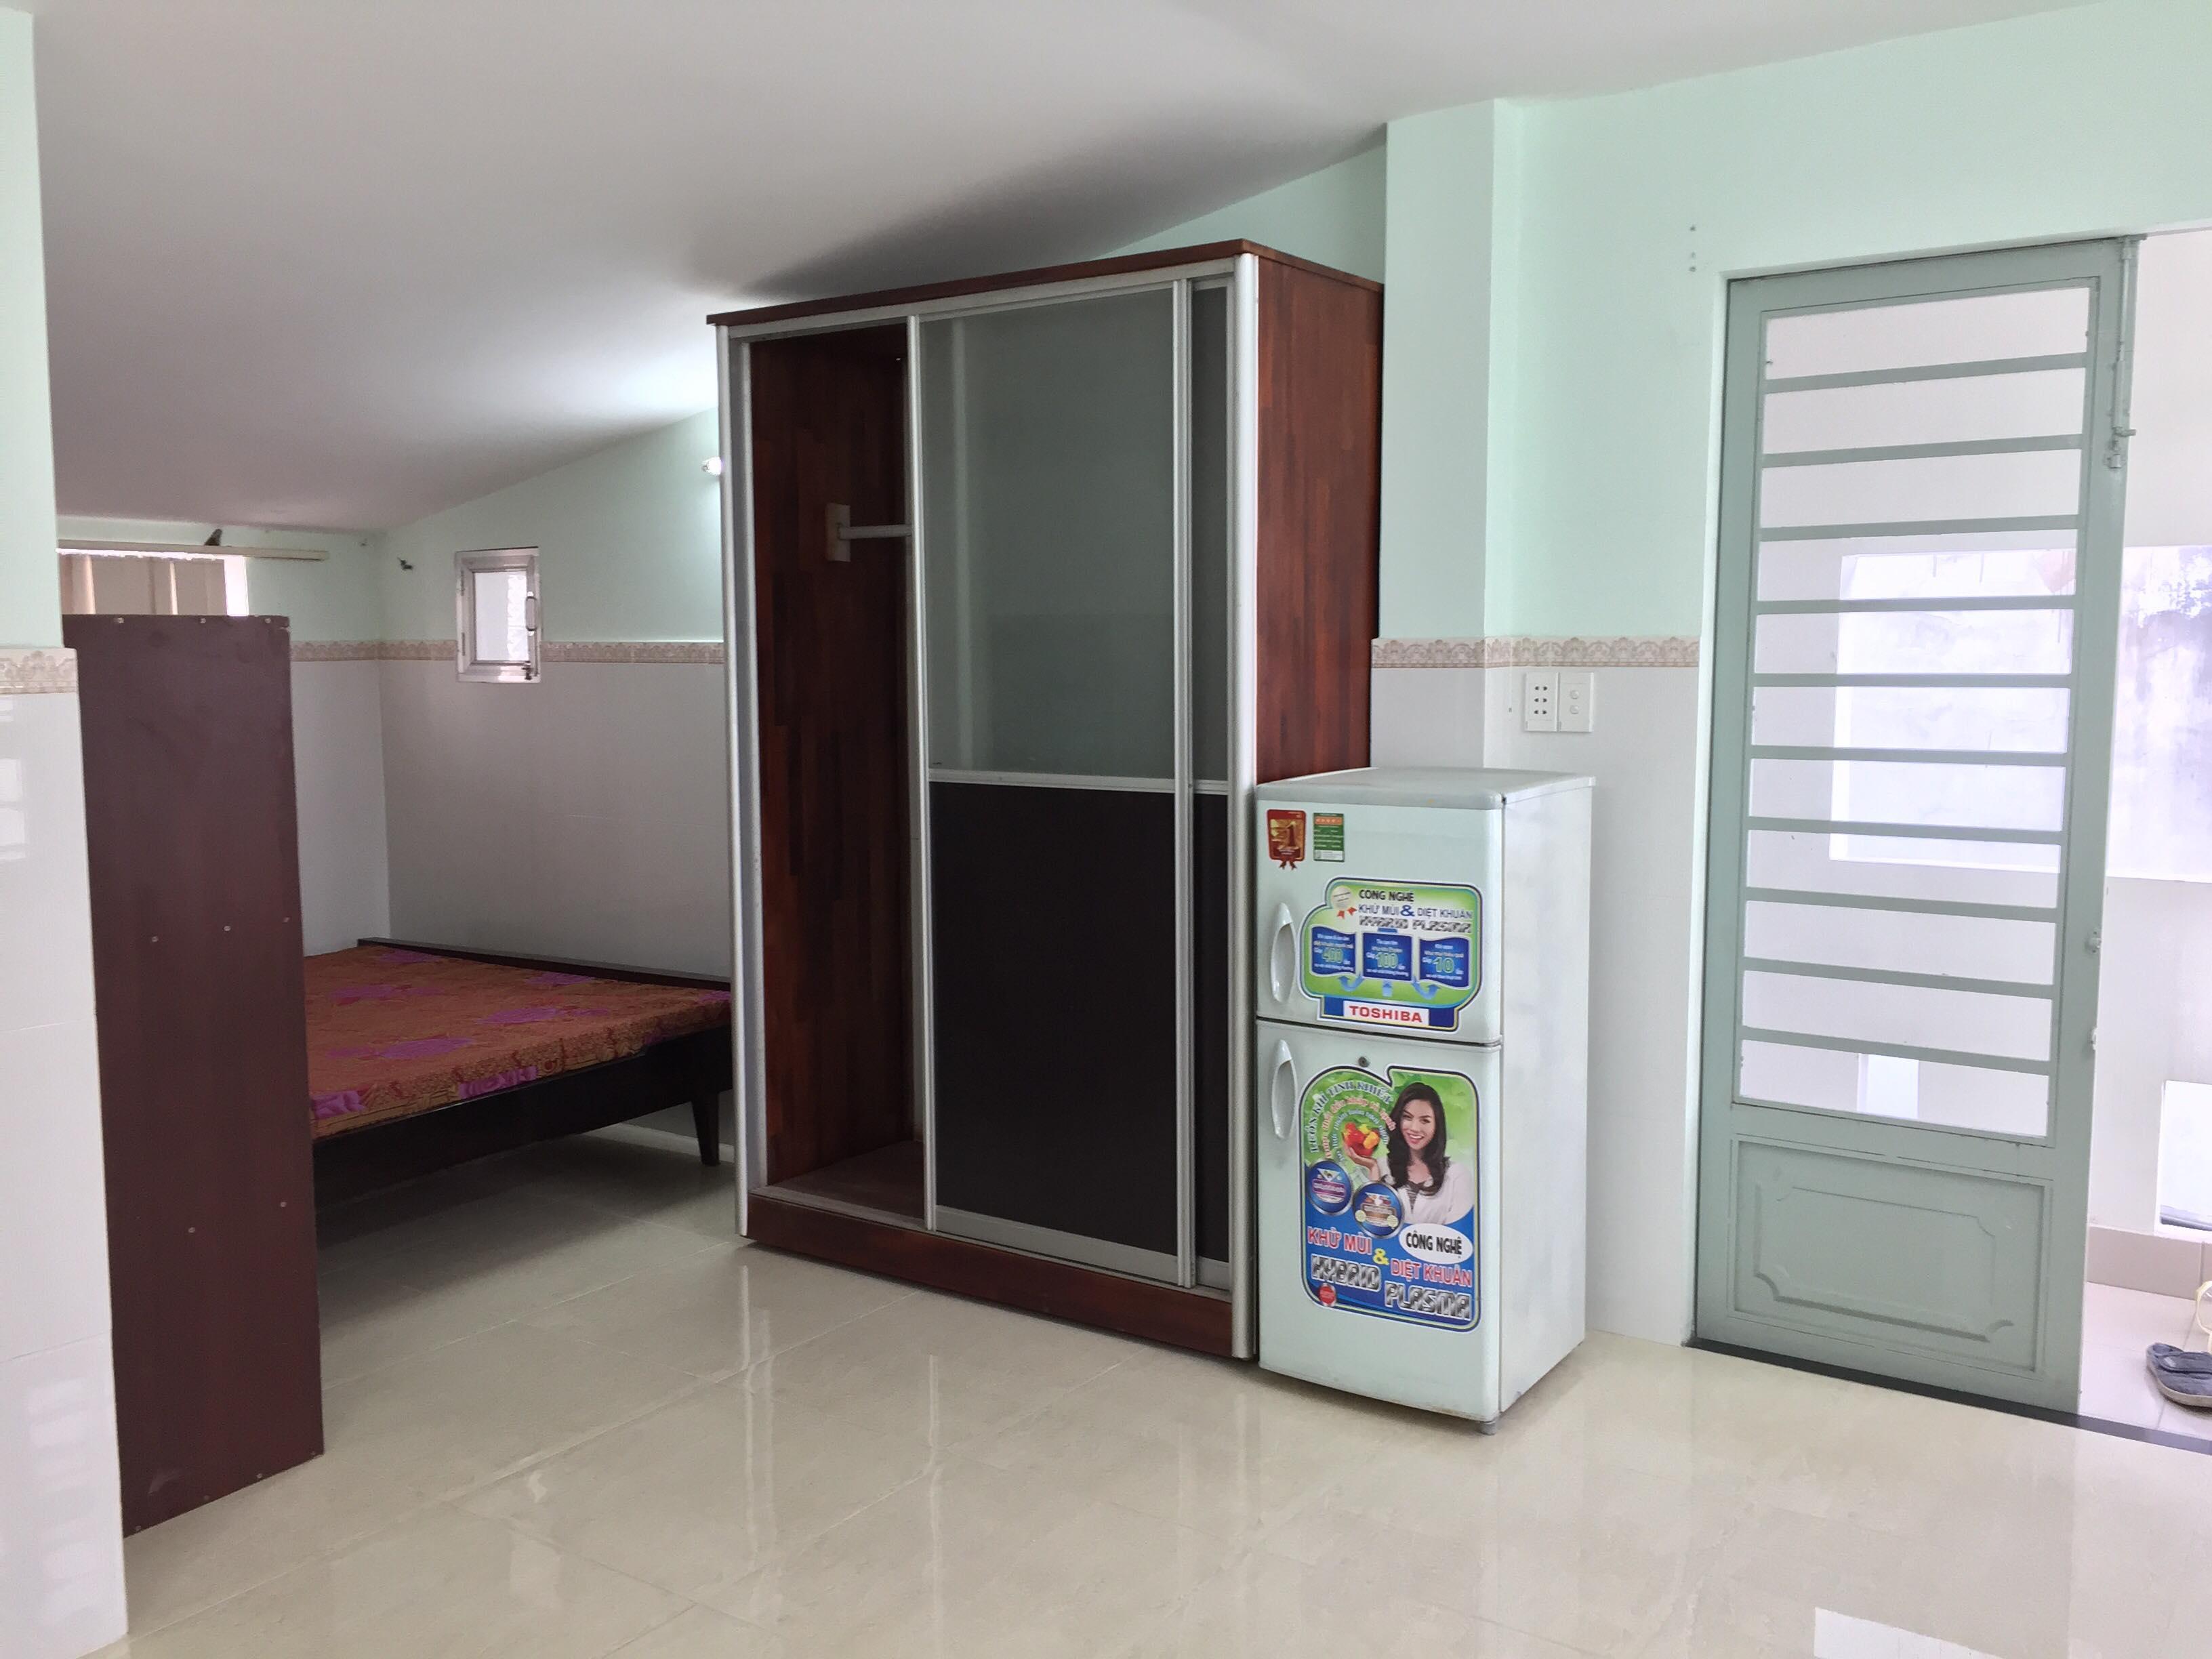 Phòng dạng căn hộ đầy đủ tiện nghi 654/19 Lê Đức Thọ, Gò Vấp